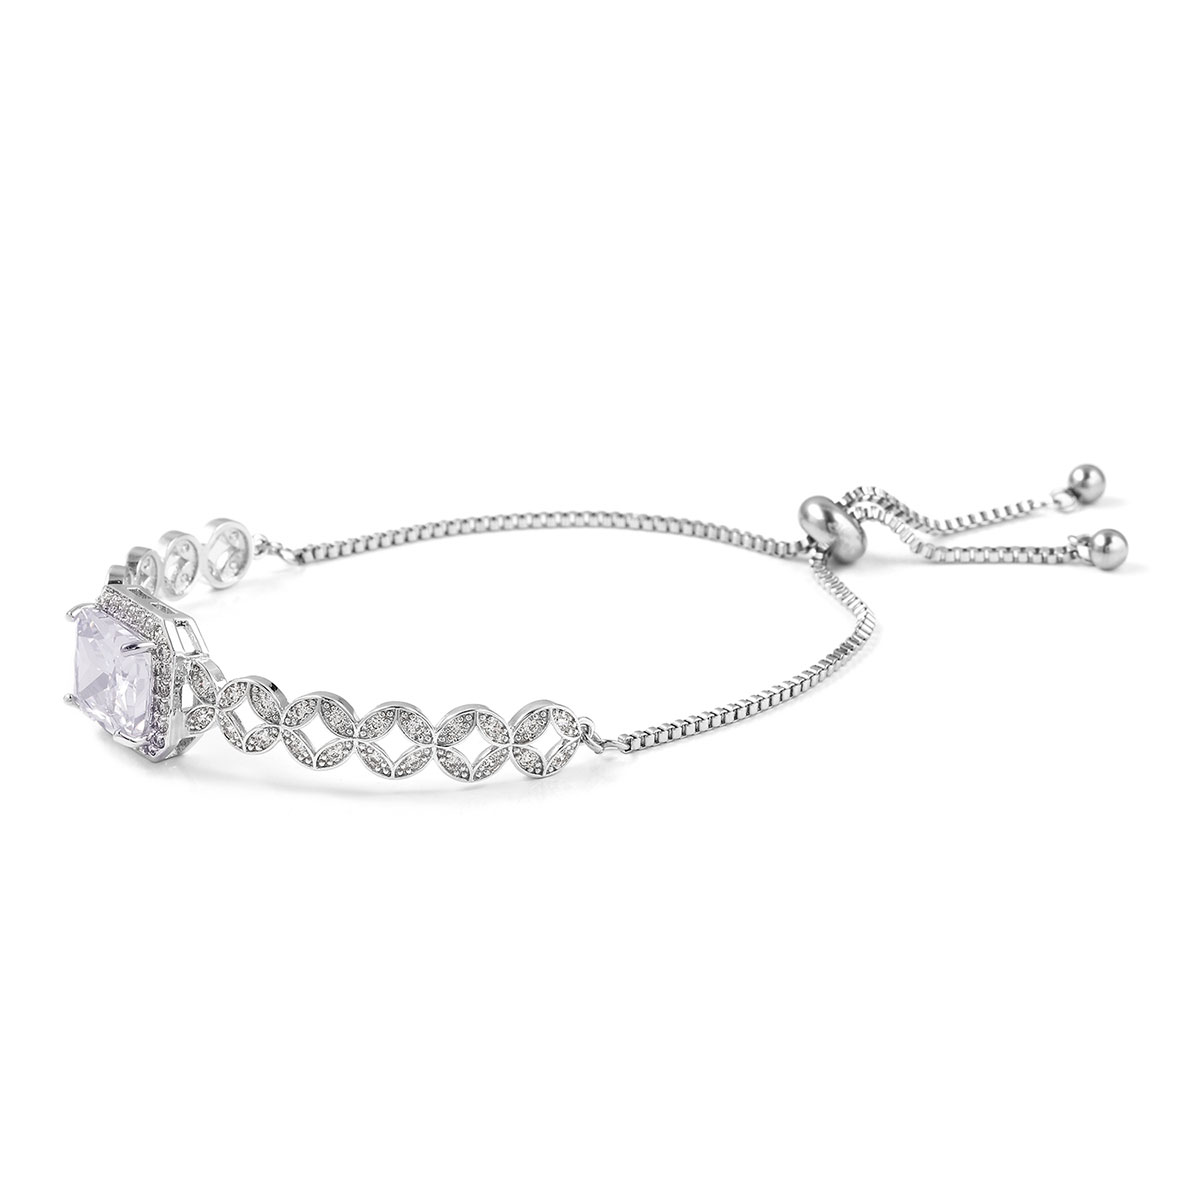 12-Color-Options-Cubic-Zirconia-Bracelet-Chain-Pendant-Necklace-Set-Adjustable thumbnail 99